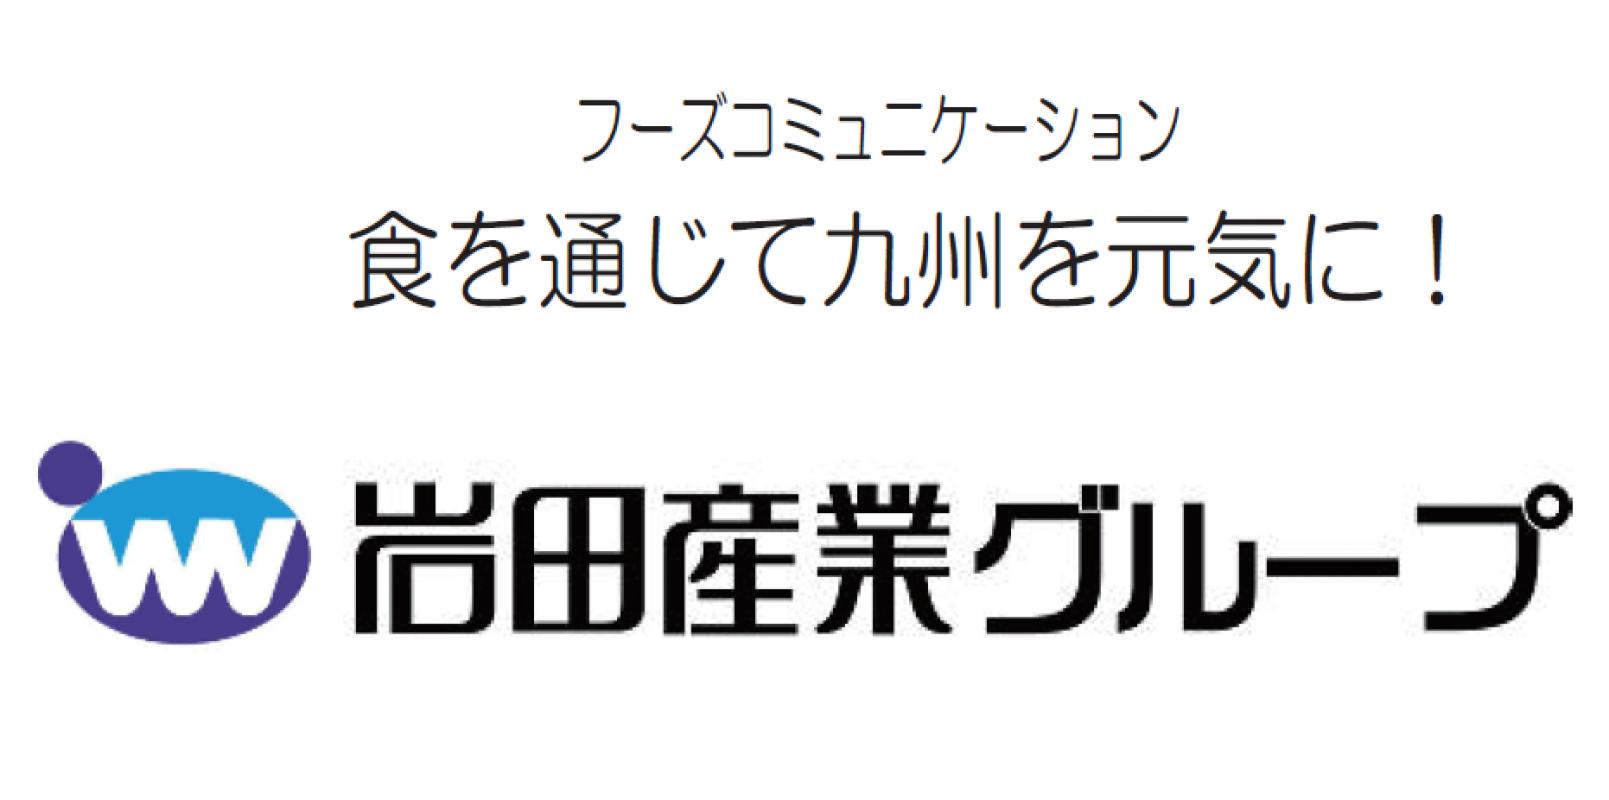 岩田産業株式會社